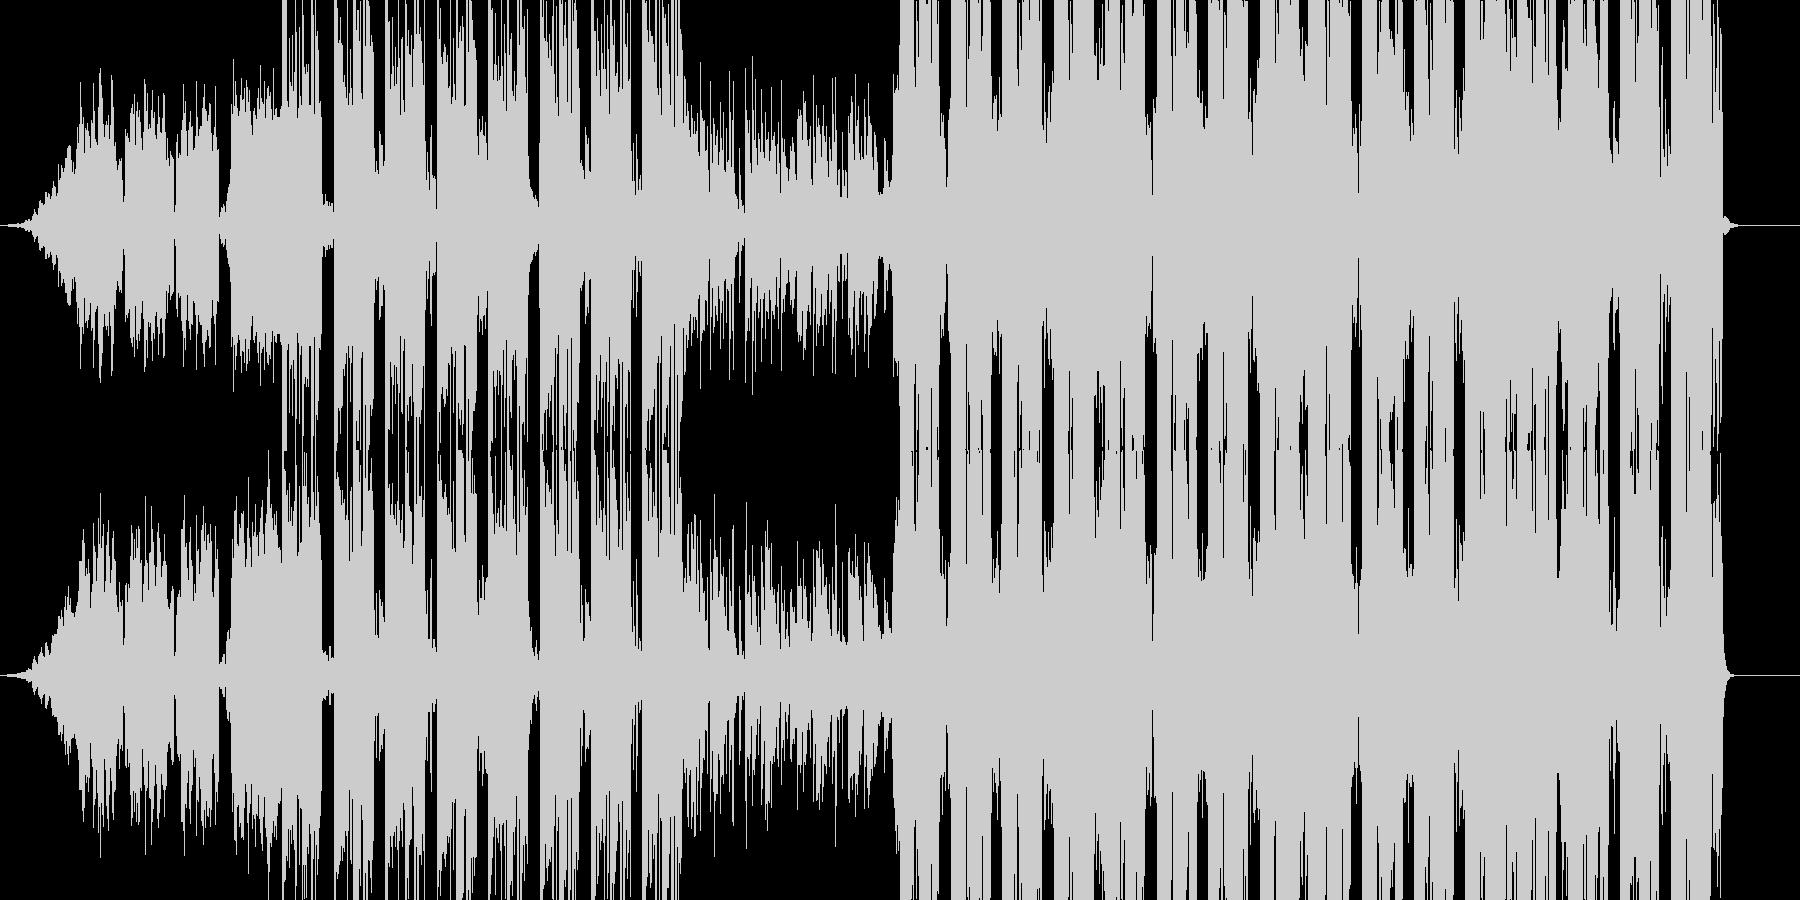 エモい洋楽/Kpop系のトラックの未再生の波形